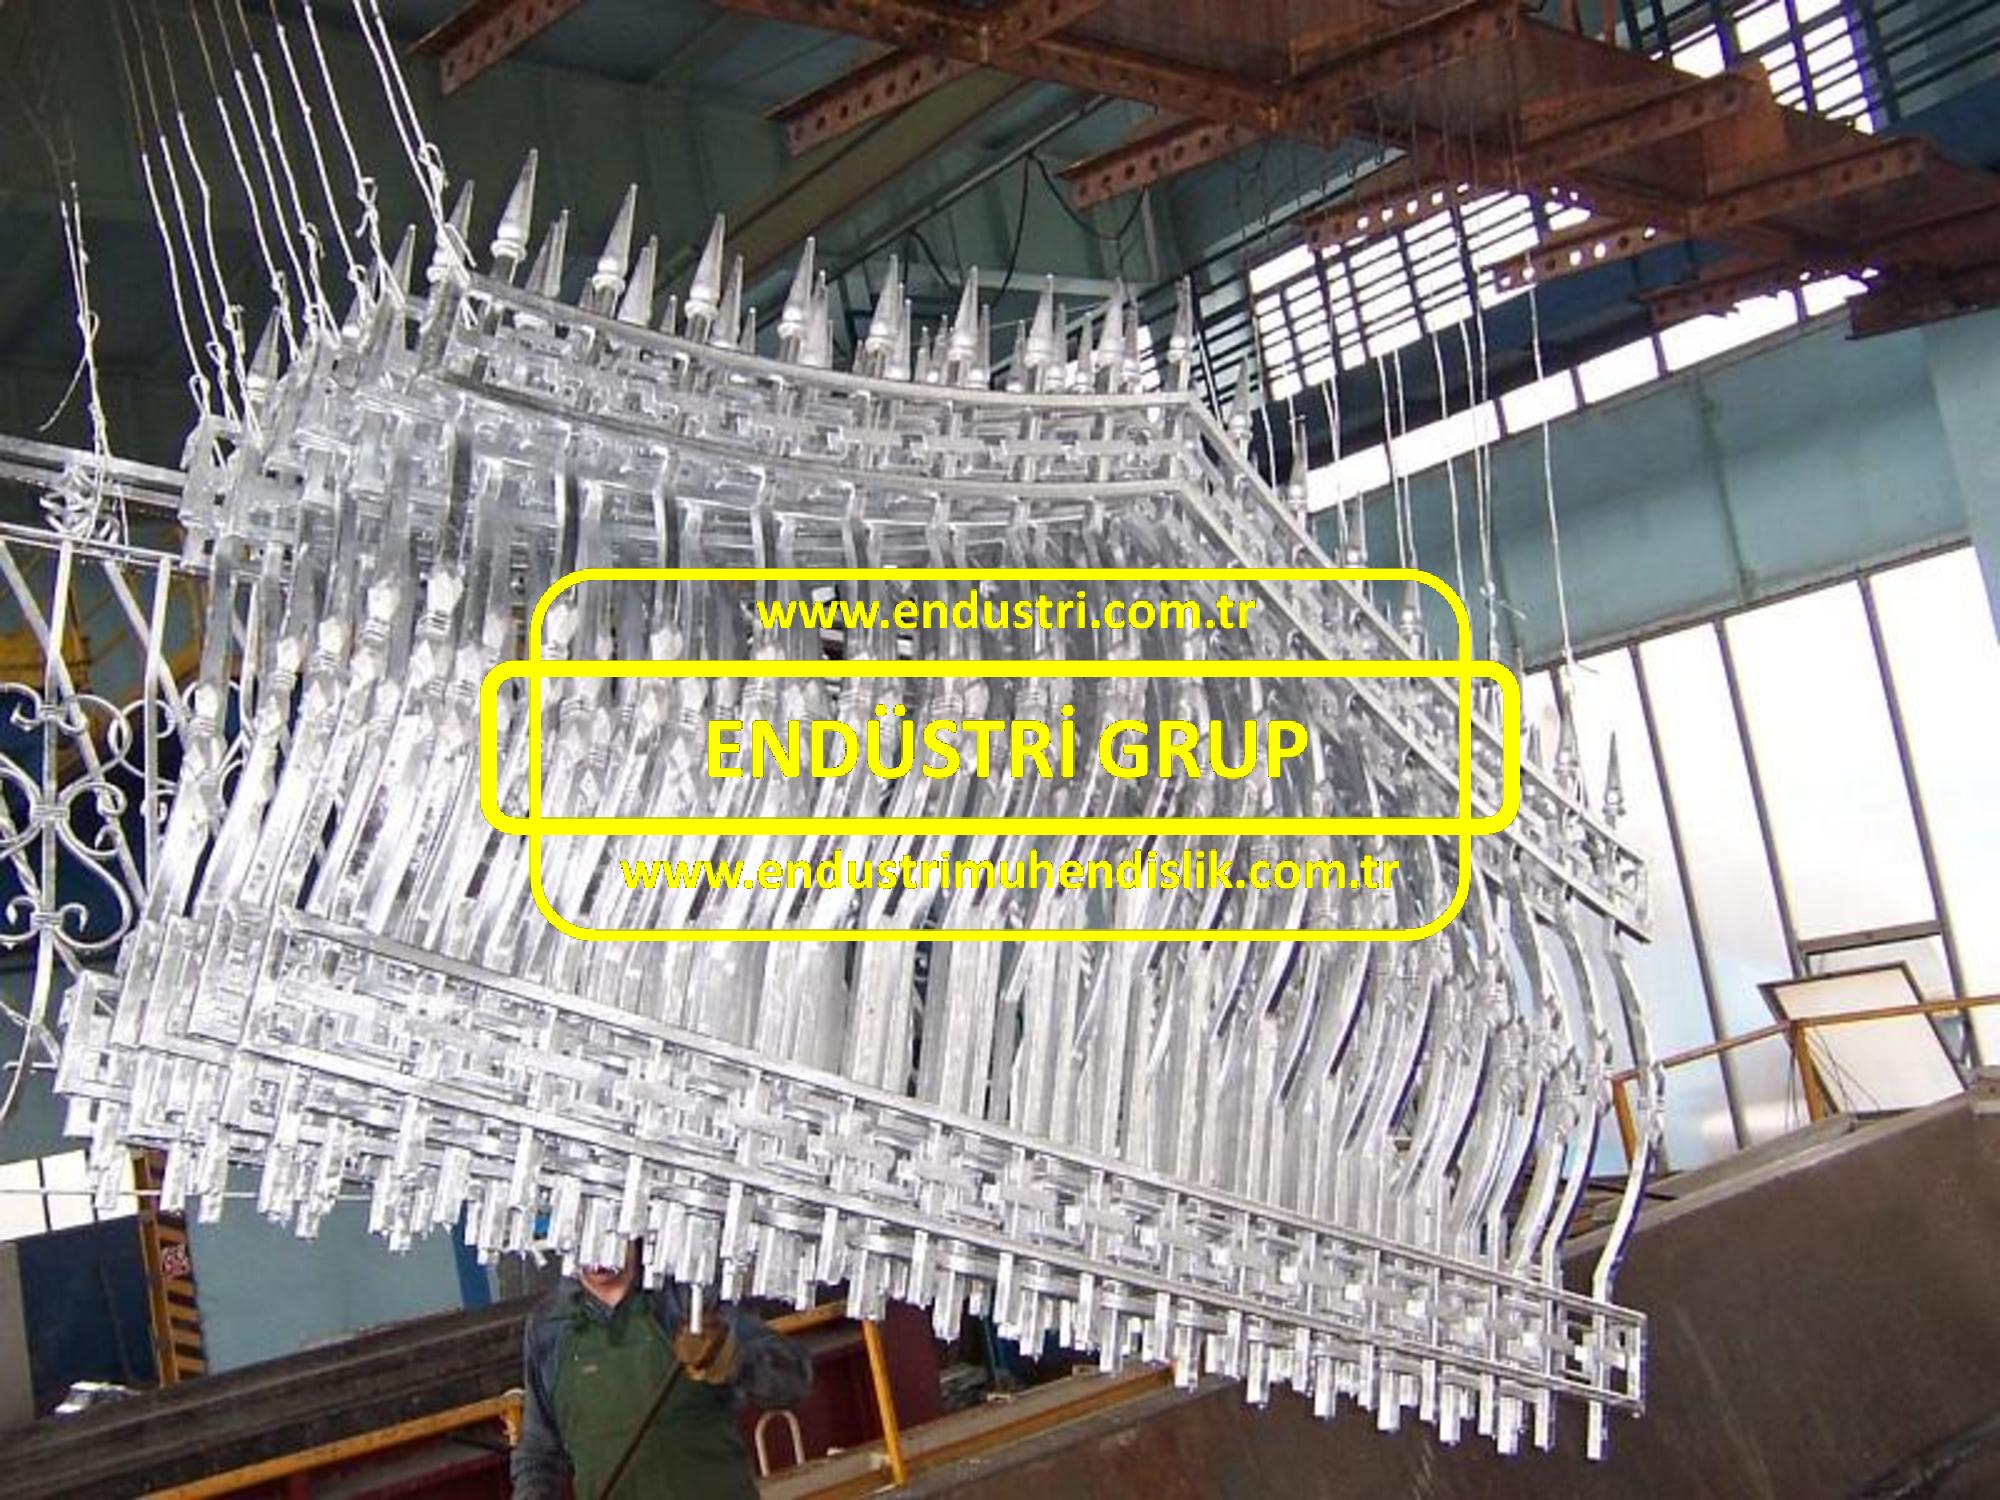 sicak-daldirma-galvaniz-kaplama-isleri-cinko-metal-kaplamasi-korozyon-onleyici